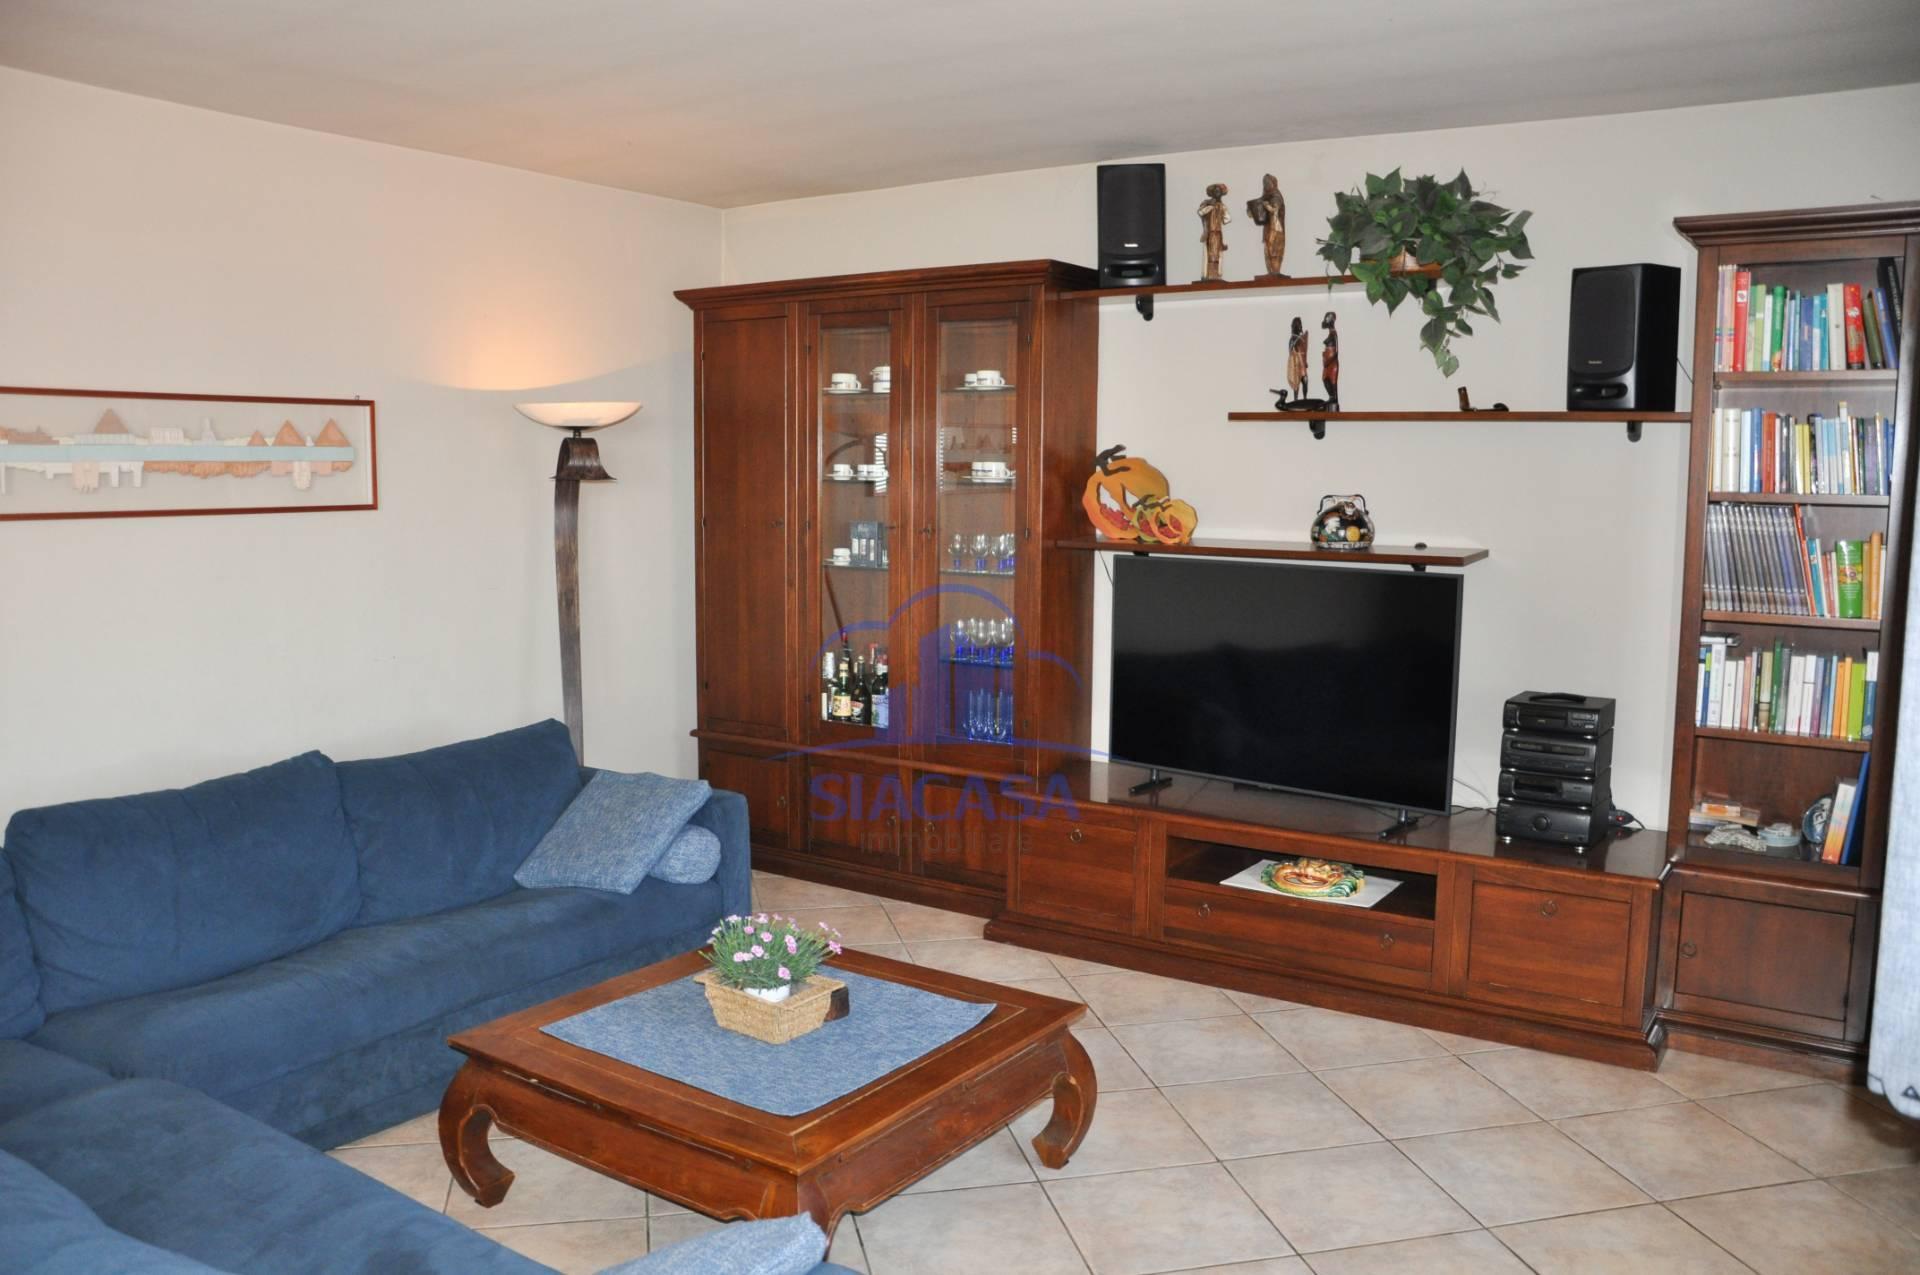 Appartamento in vendita a Capriate San Gervasio, 3 locali, prezzo € 135.000 | PortaleAgenzieImmobiliari.it